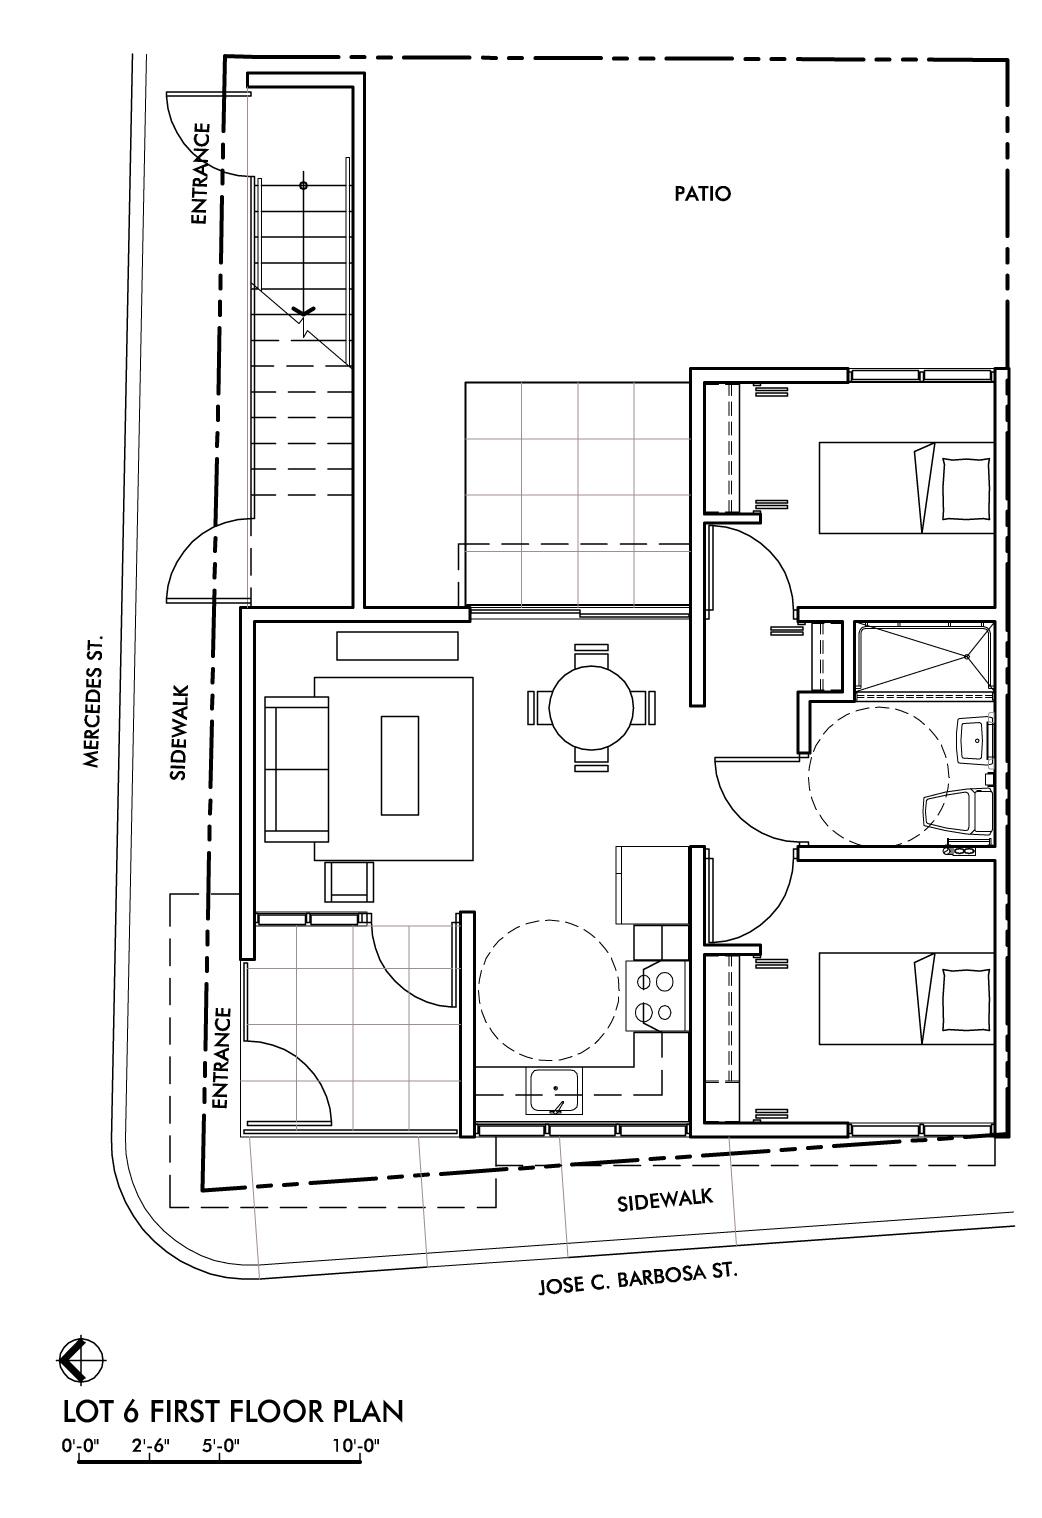 lote 6 first floor plan.jpg